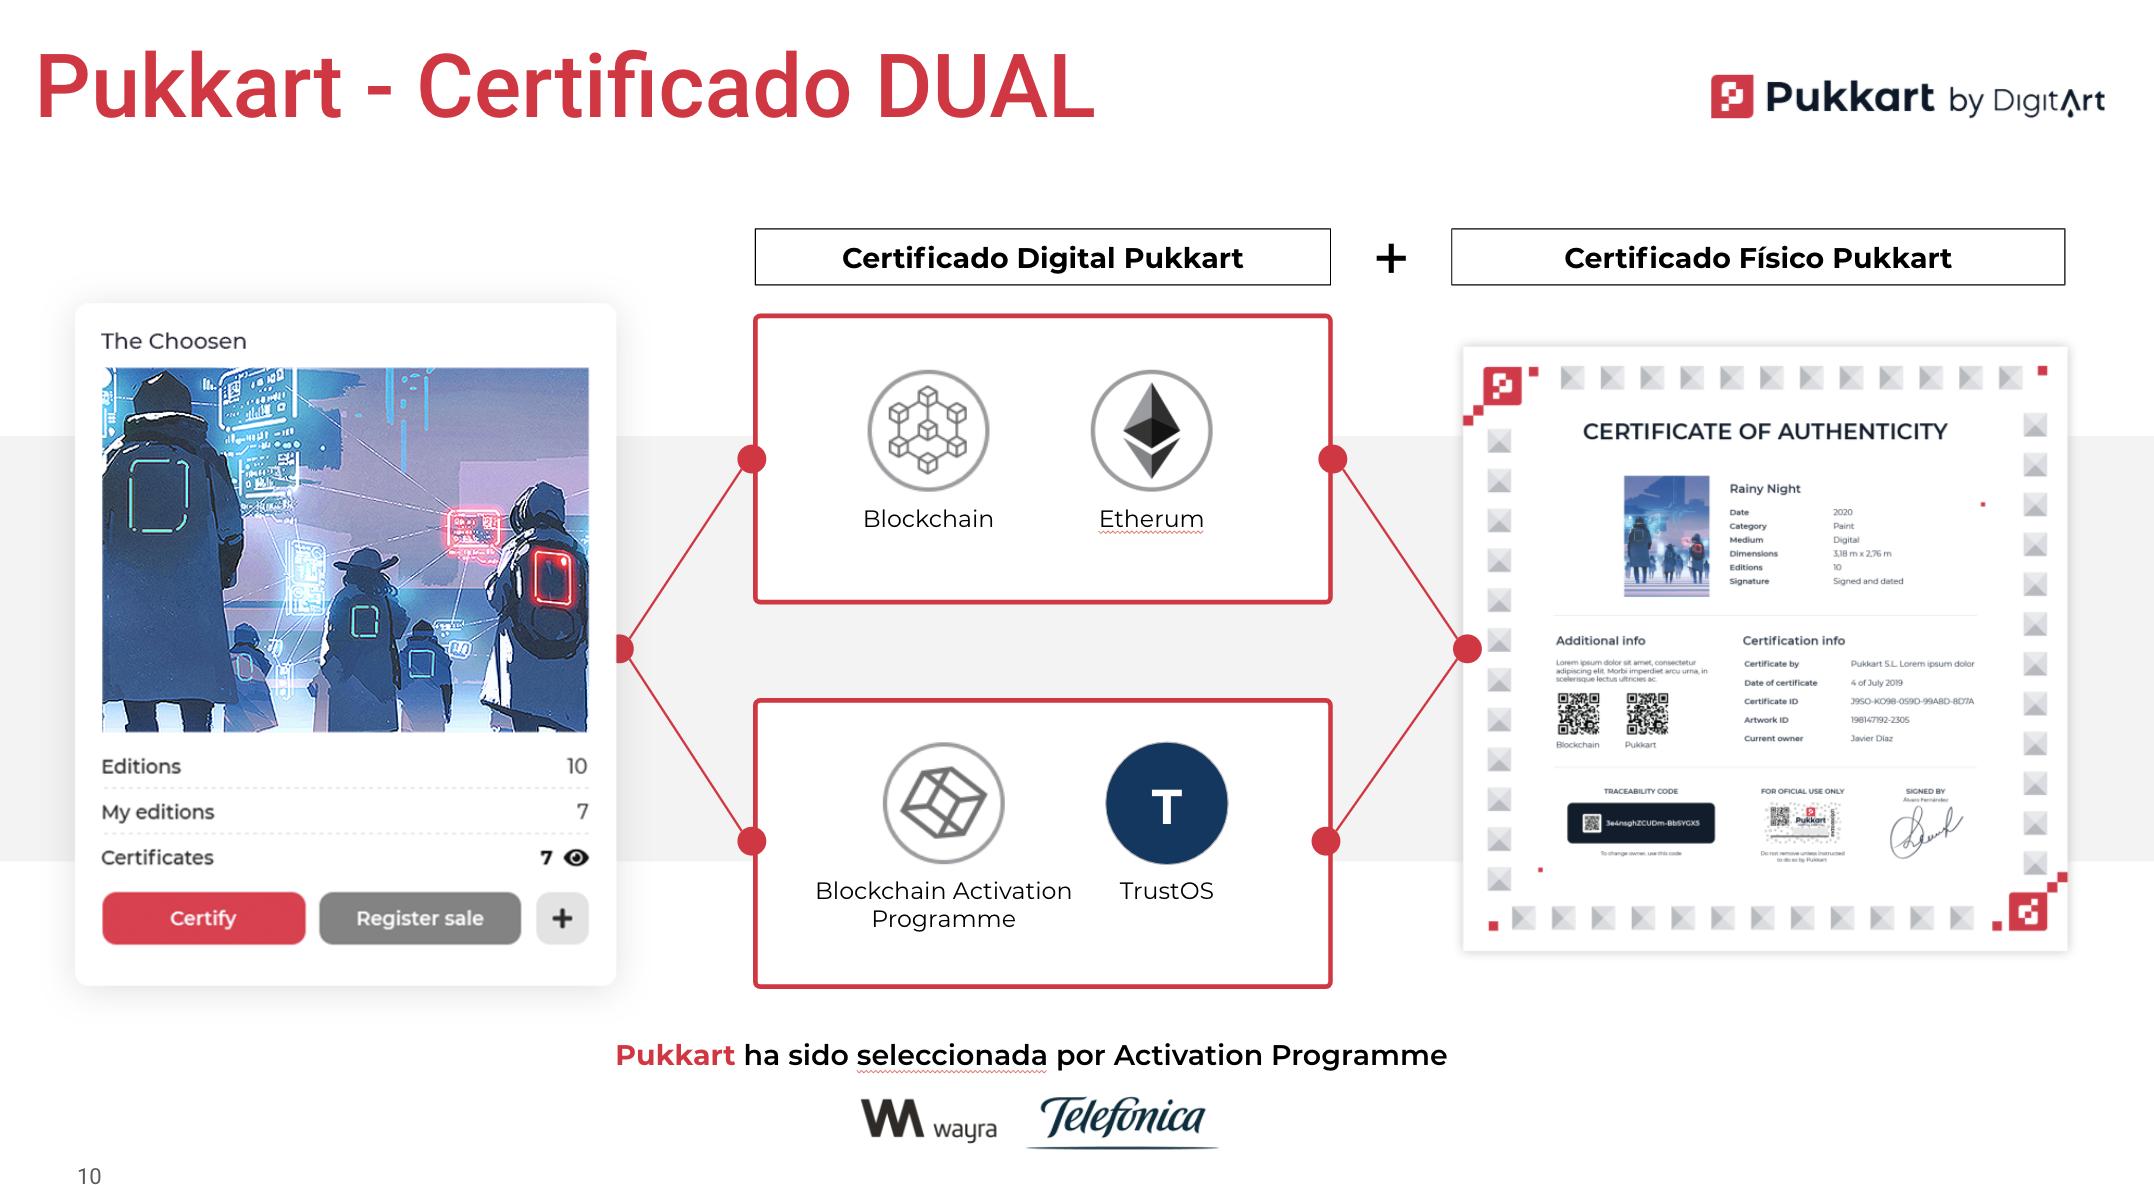 Certificado Dual